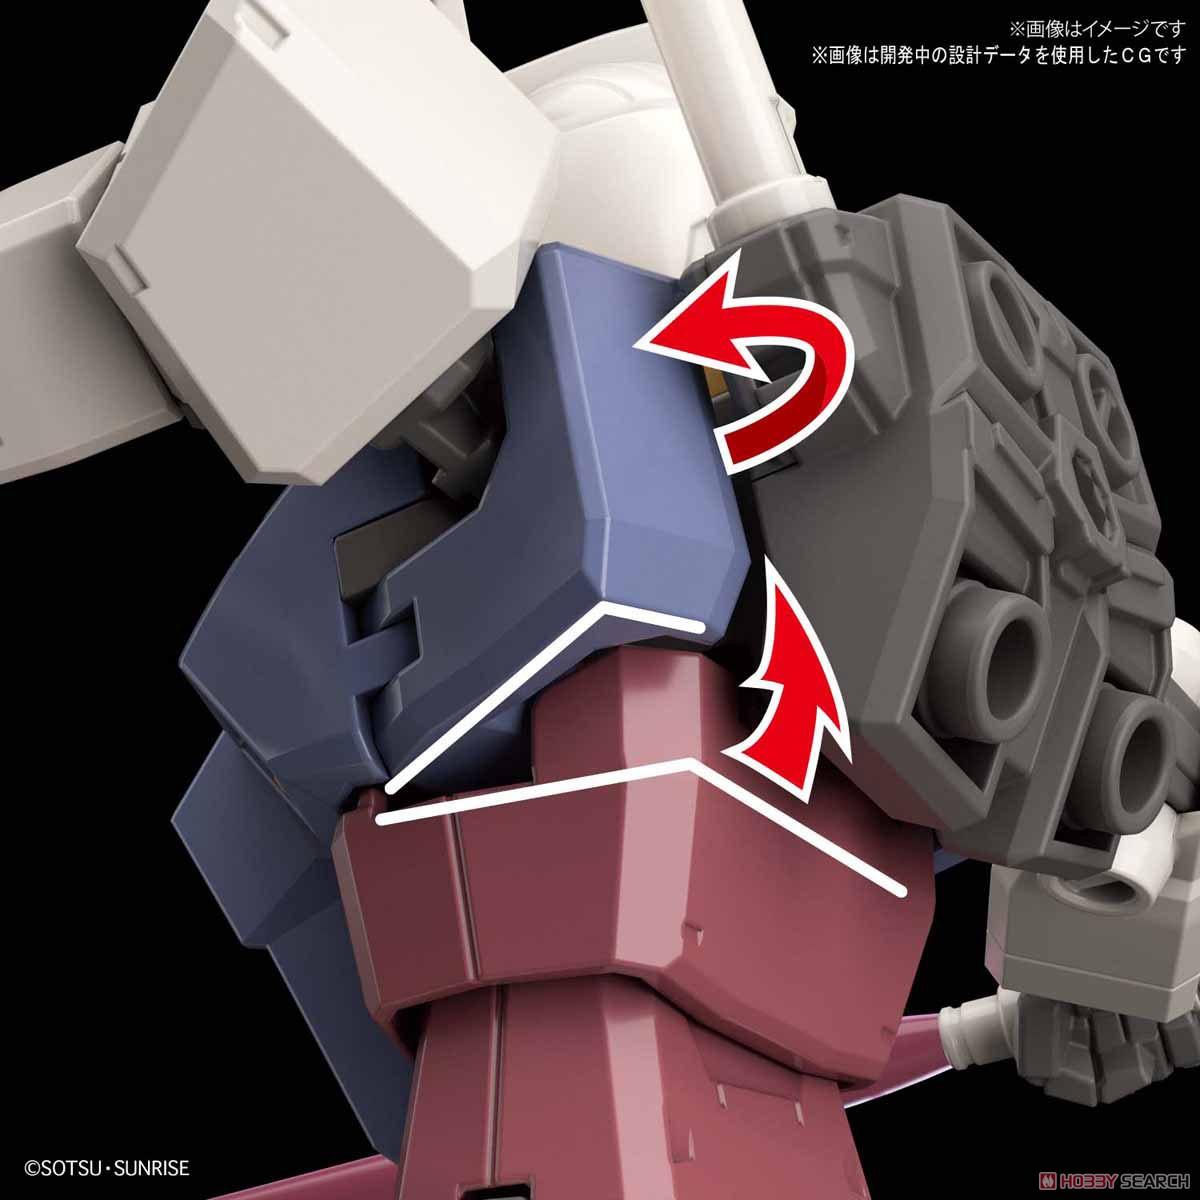 【再販】HG 1/144『RX-78-2 ガンダム[BEYOND GLOBAL]』プラモデル-015